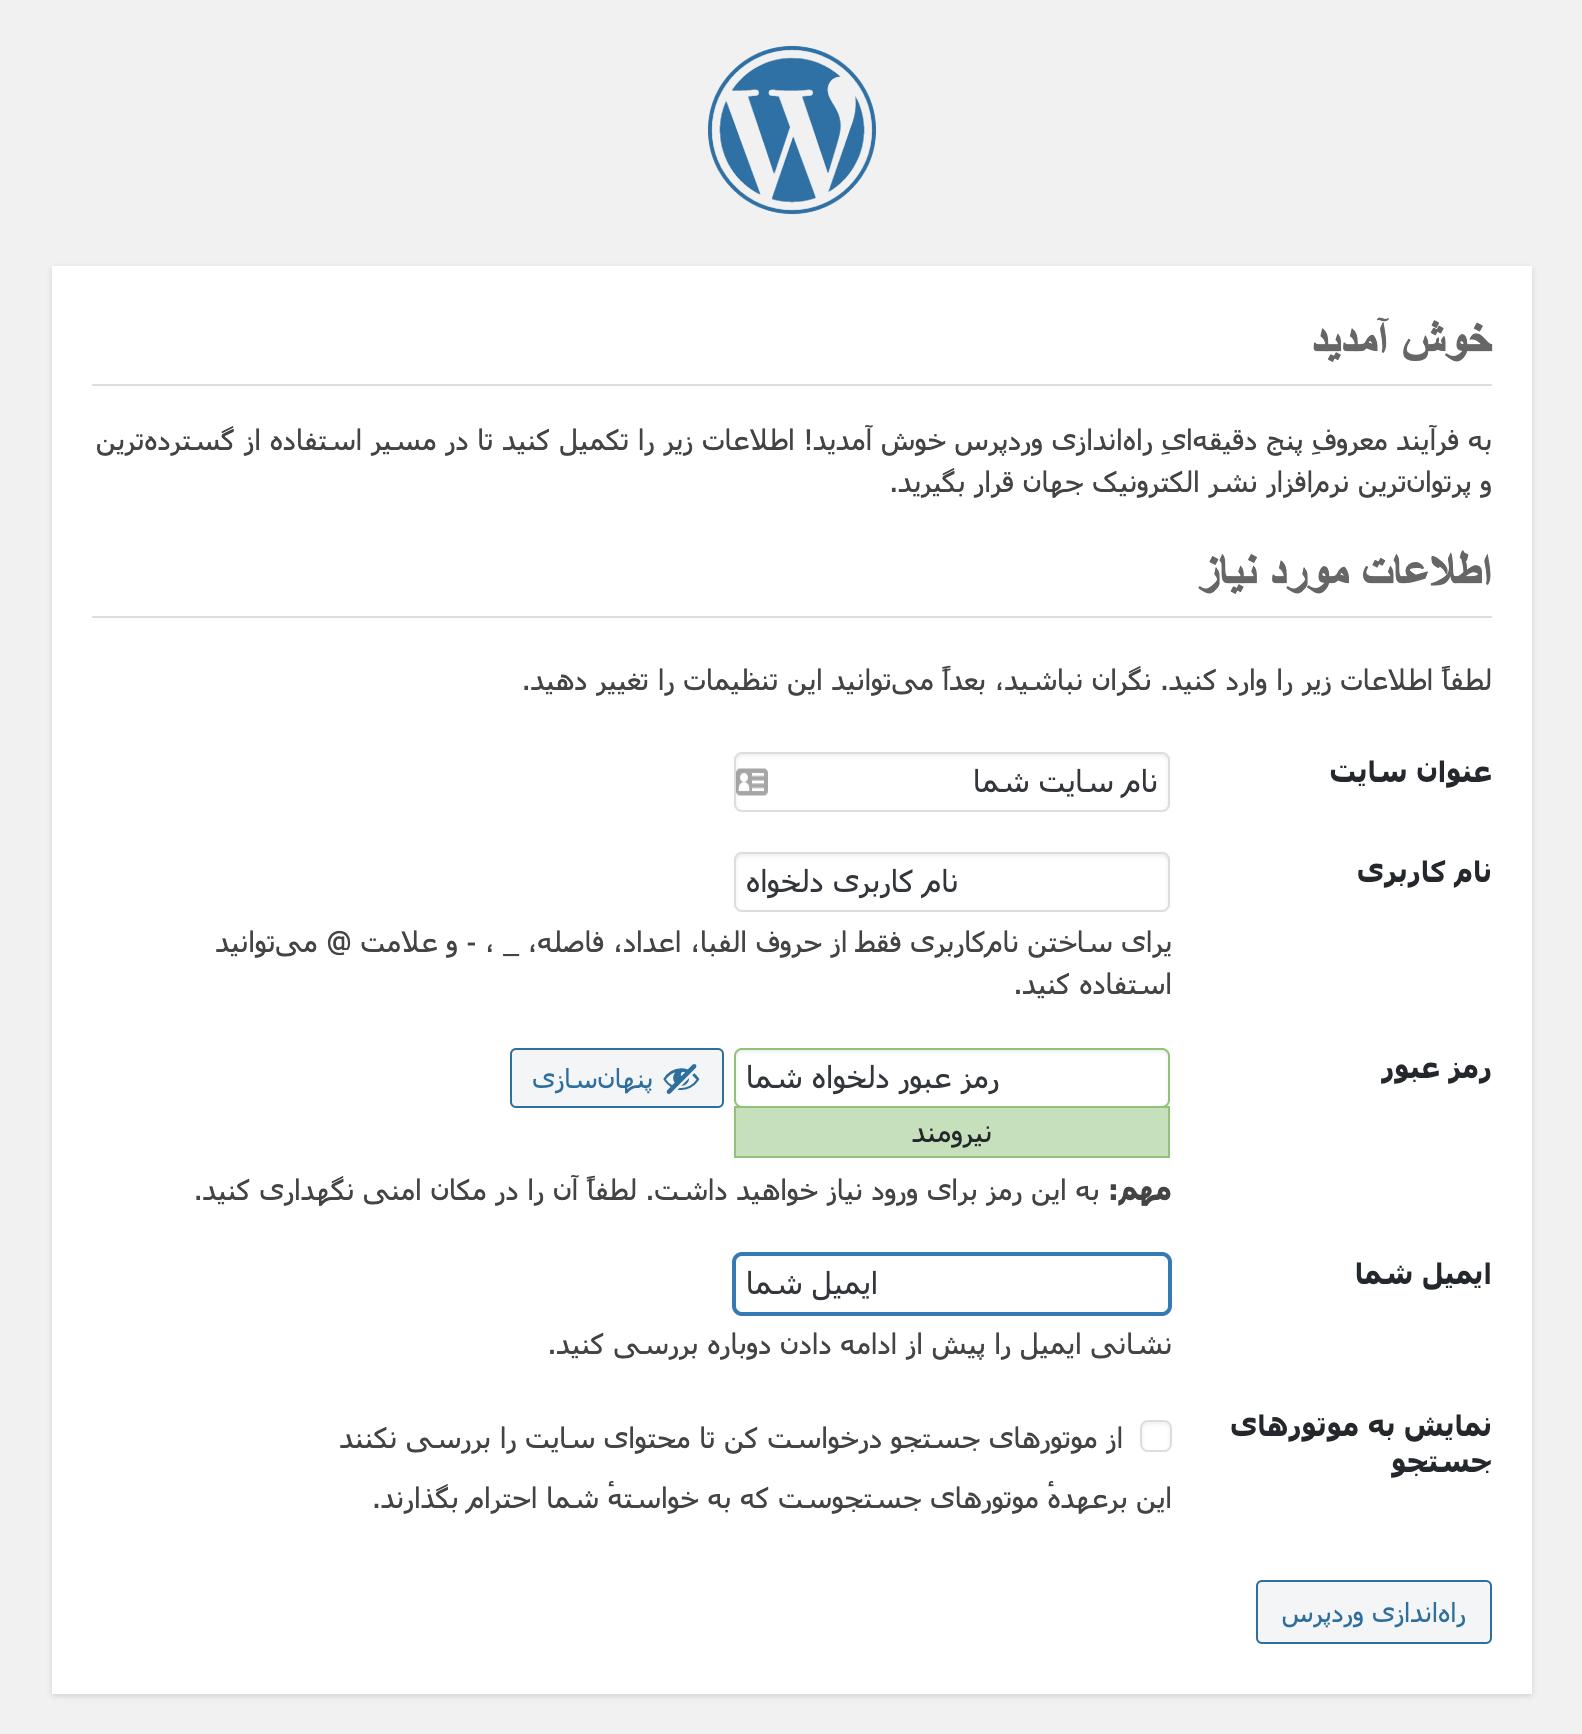 آموزش نصب وردپرس روی Webmin – Virtualmin و کنترل پنل Usermin